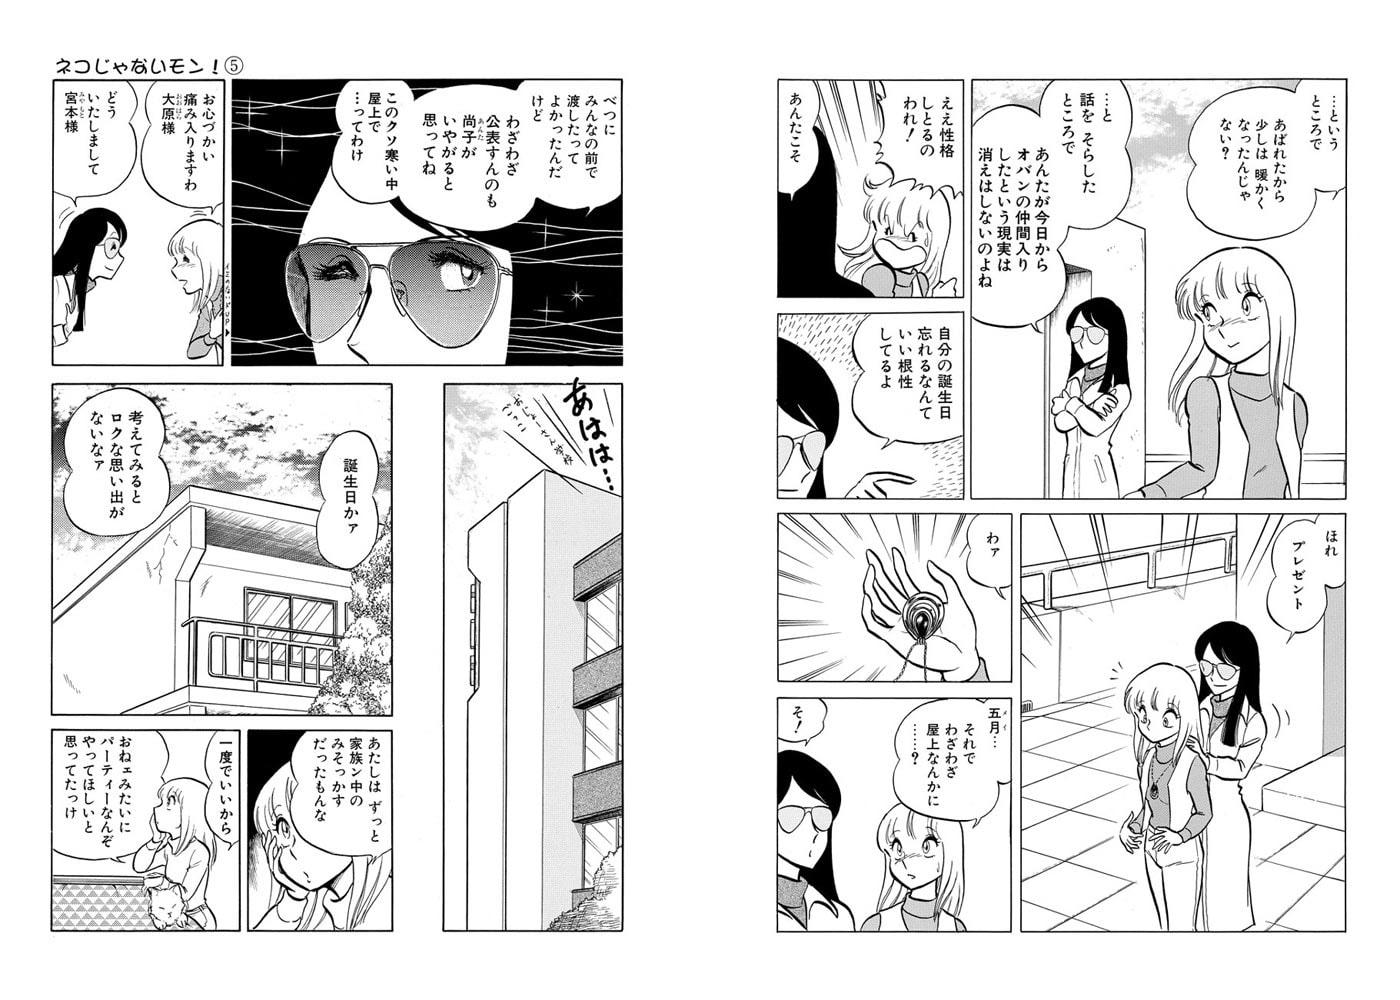 ネコじゃないモン! (5)